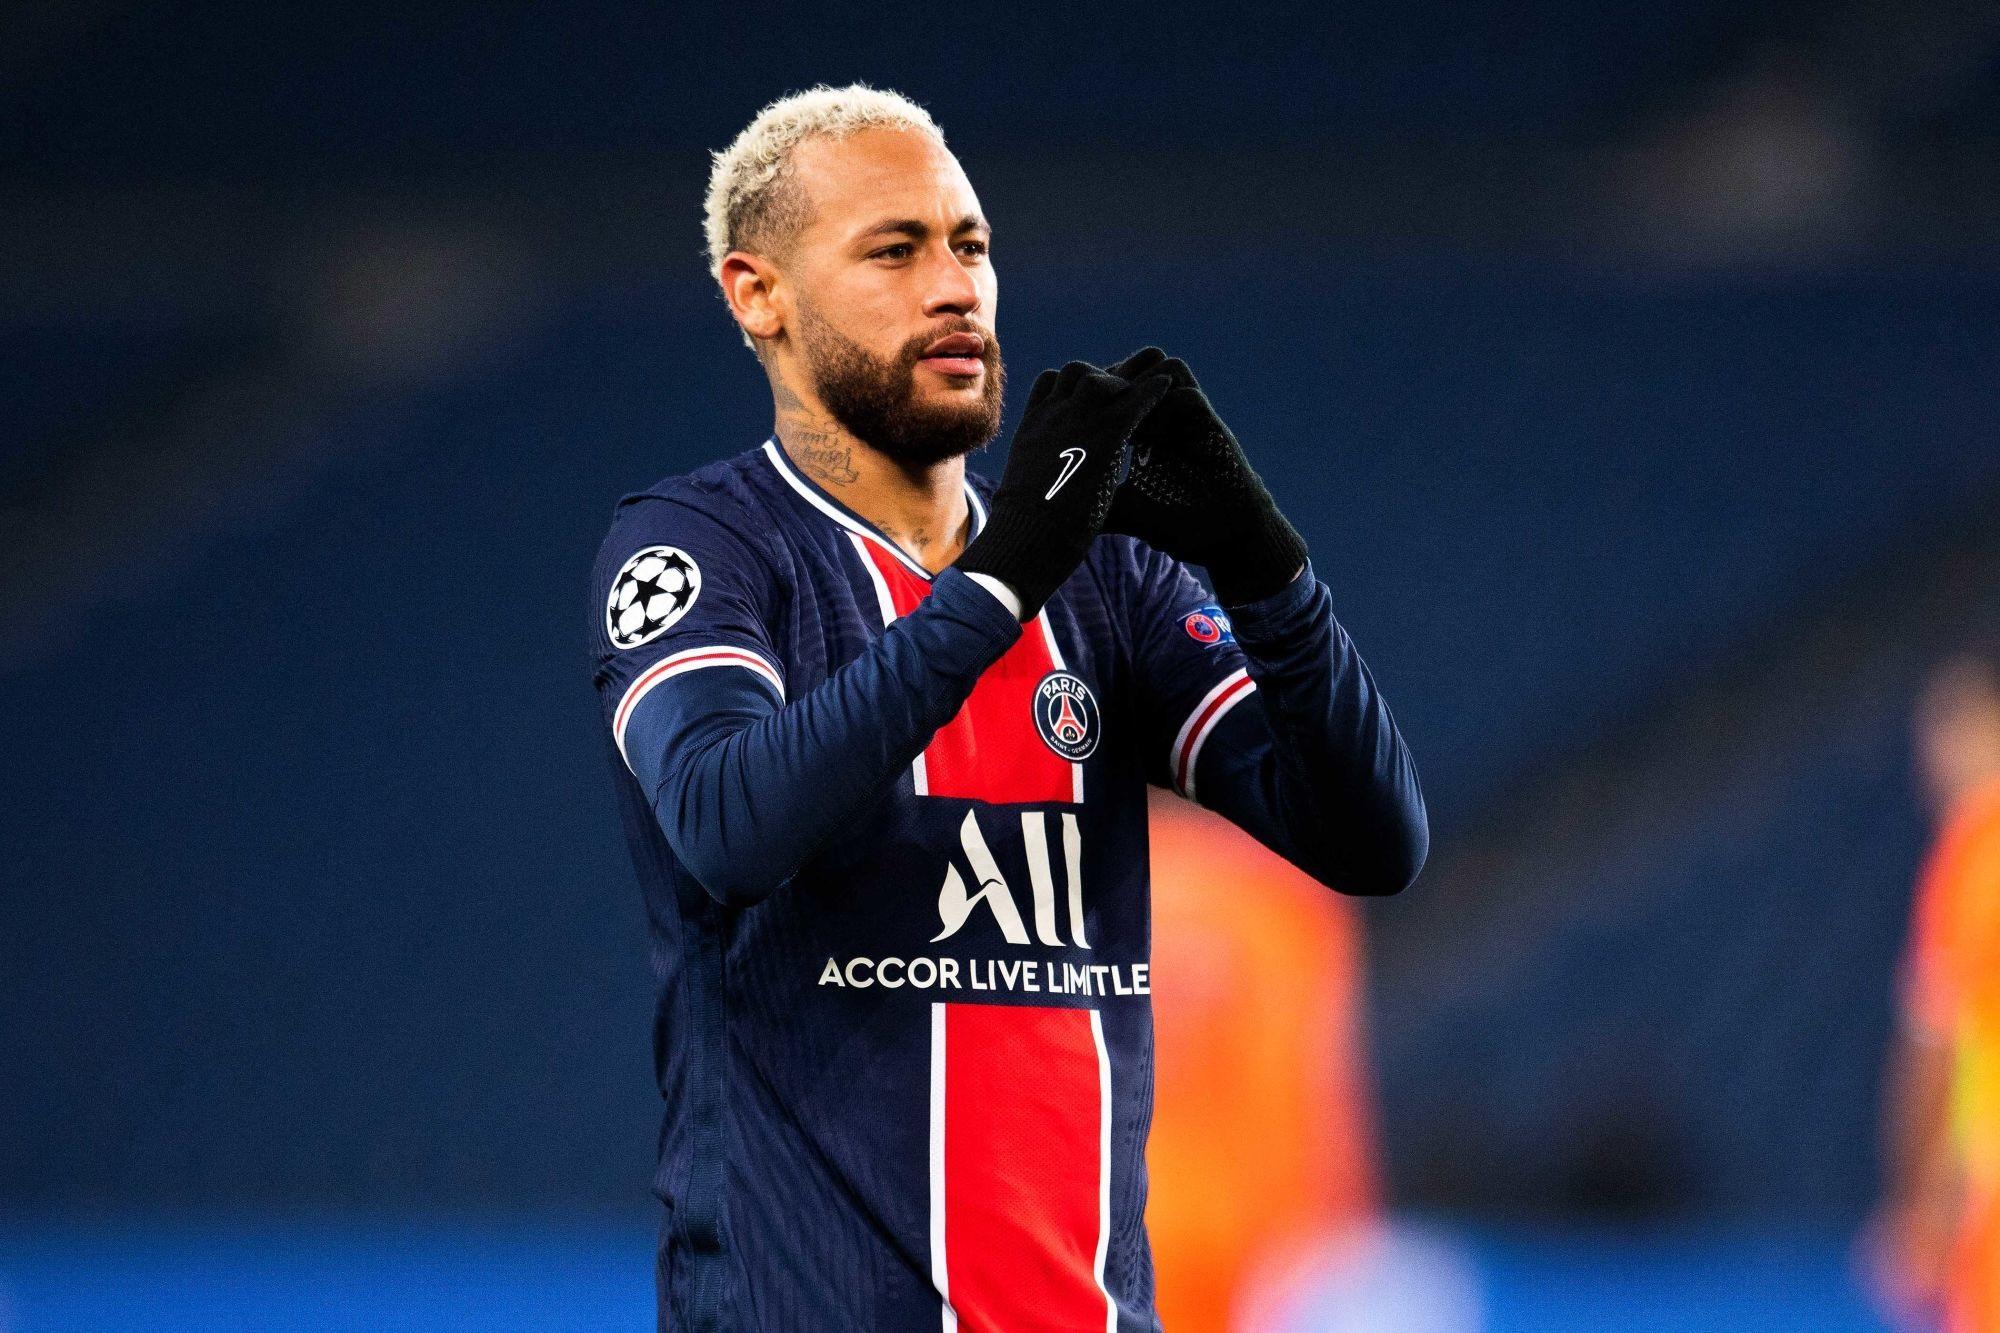 Officiel - Neymar prolonge son contrat au PSG !